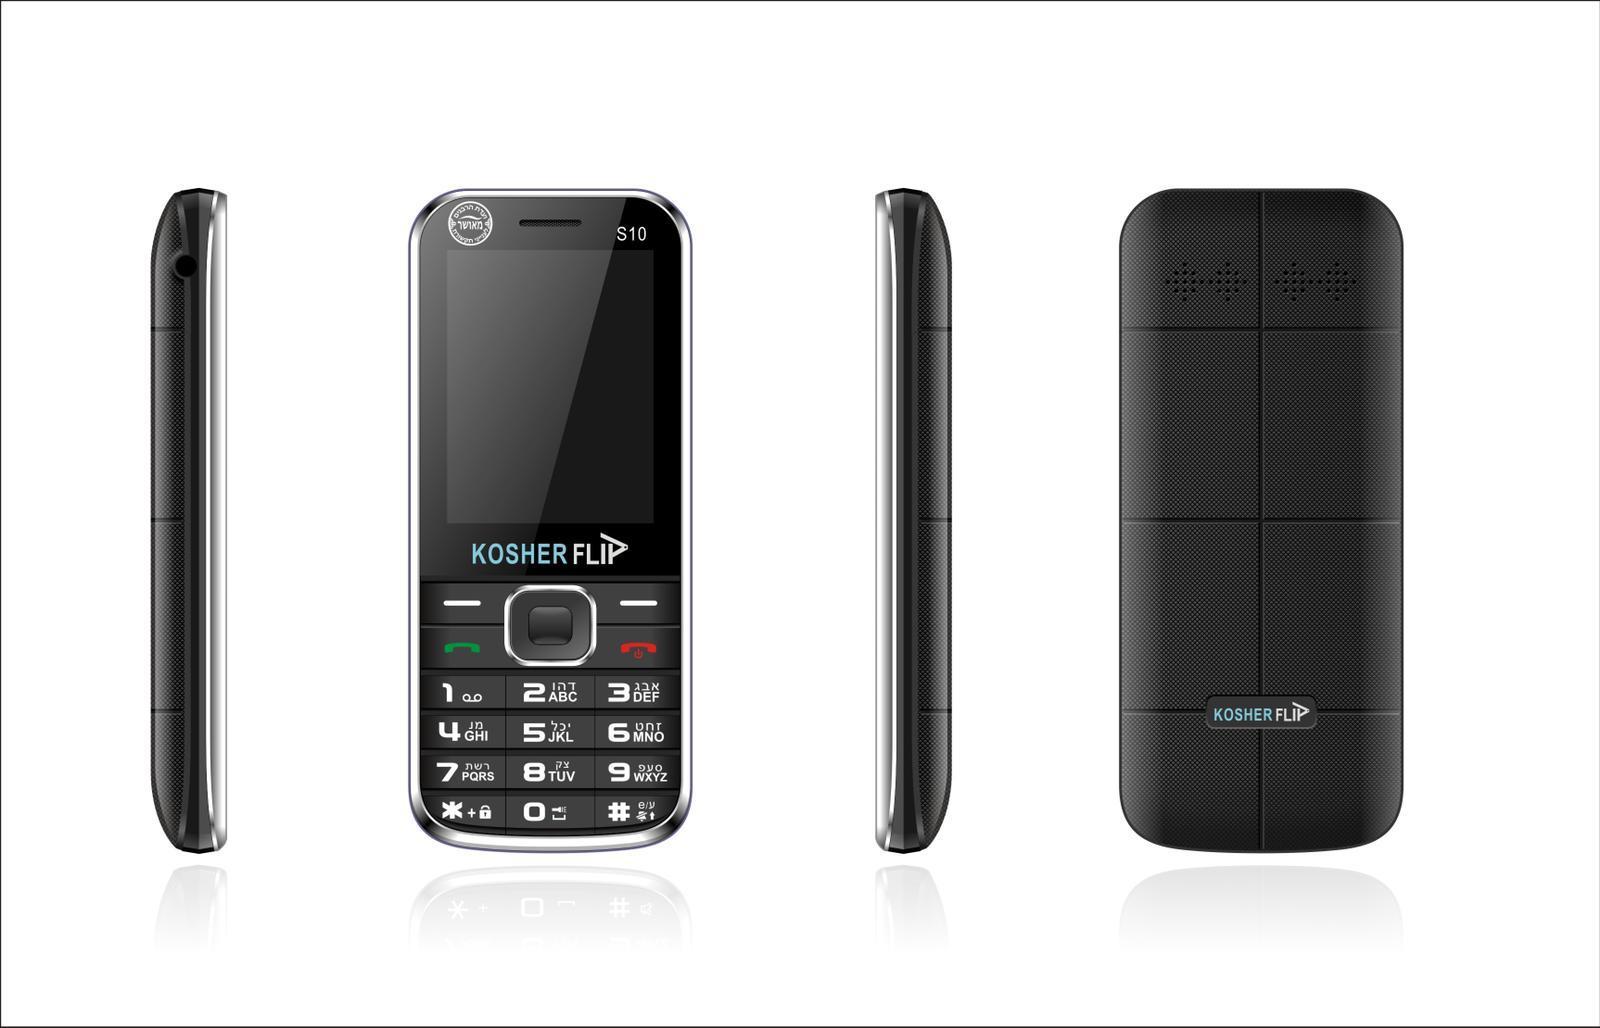 מכשיר כשר מאושר כשר פליפ Kosher flip 3G  דור 3 החדש ממתכת חזק במיוחד!